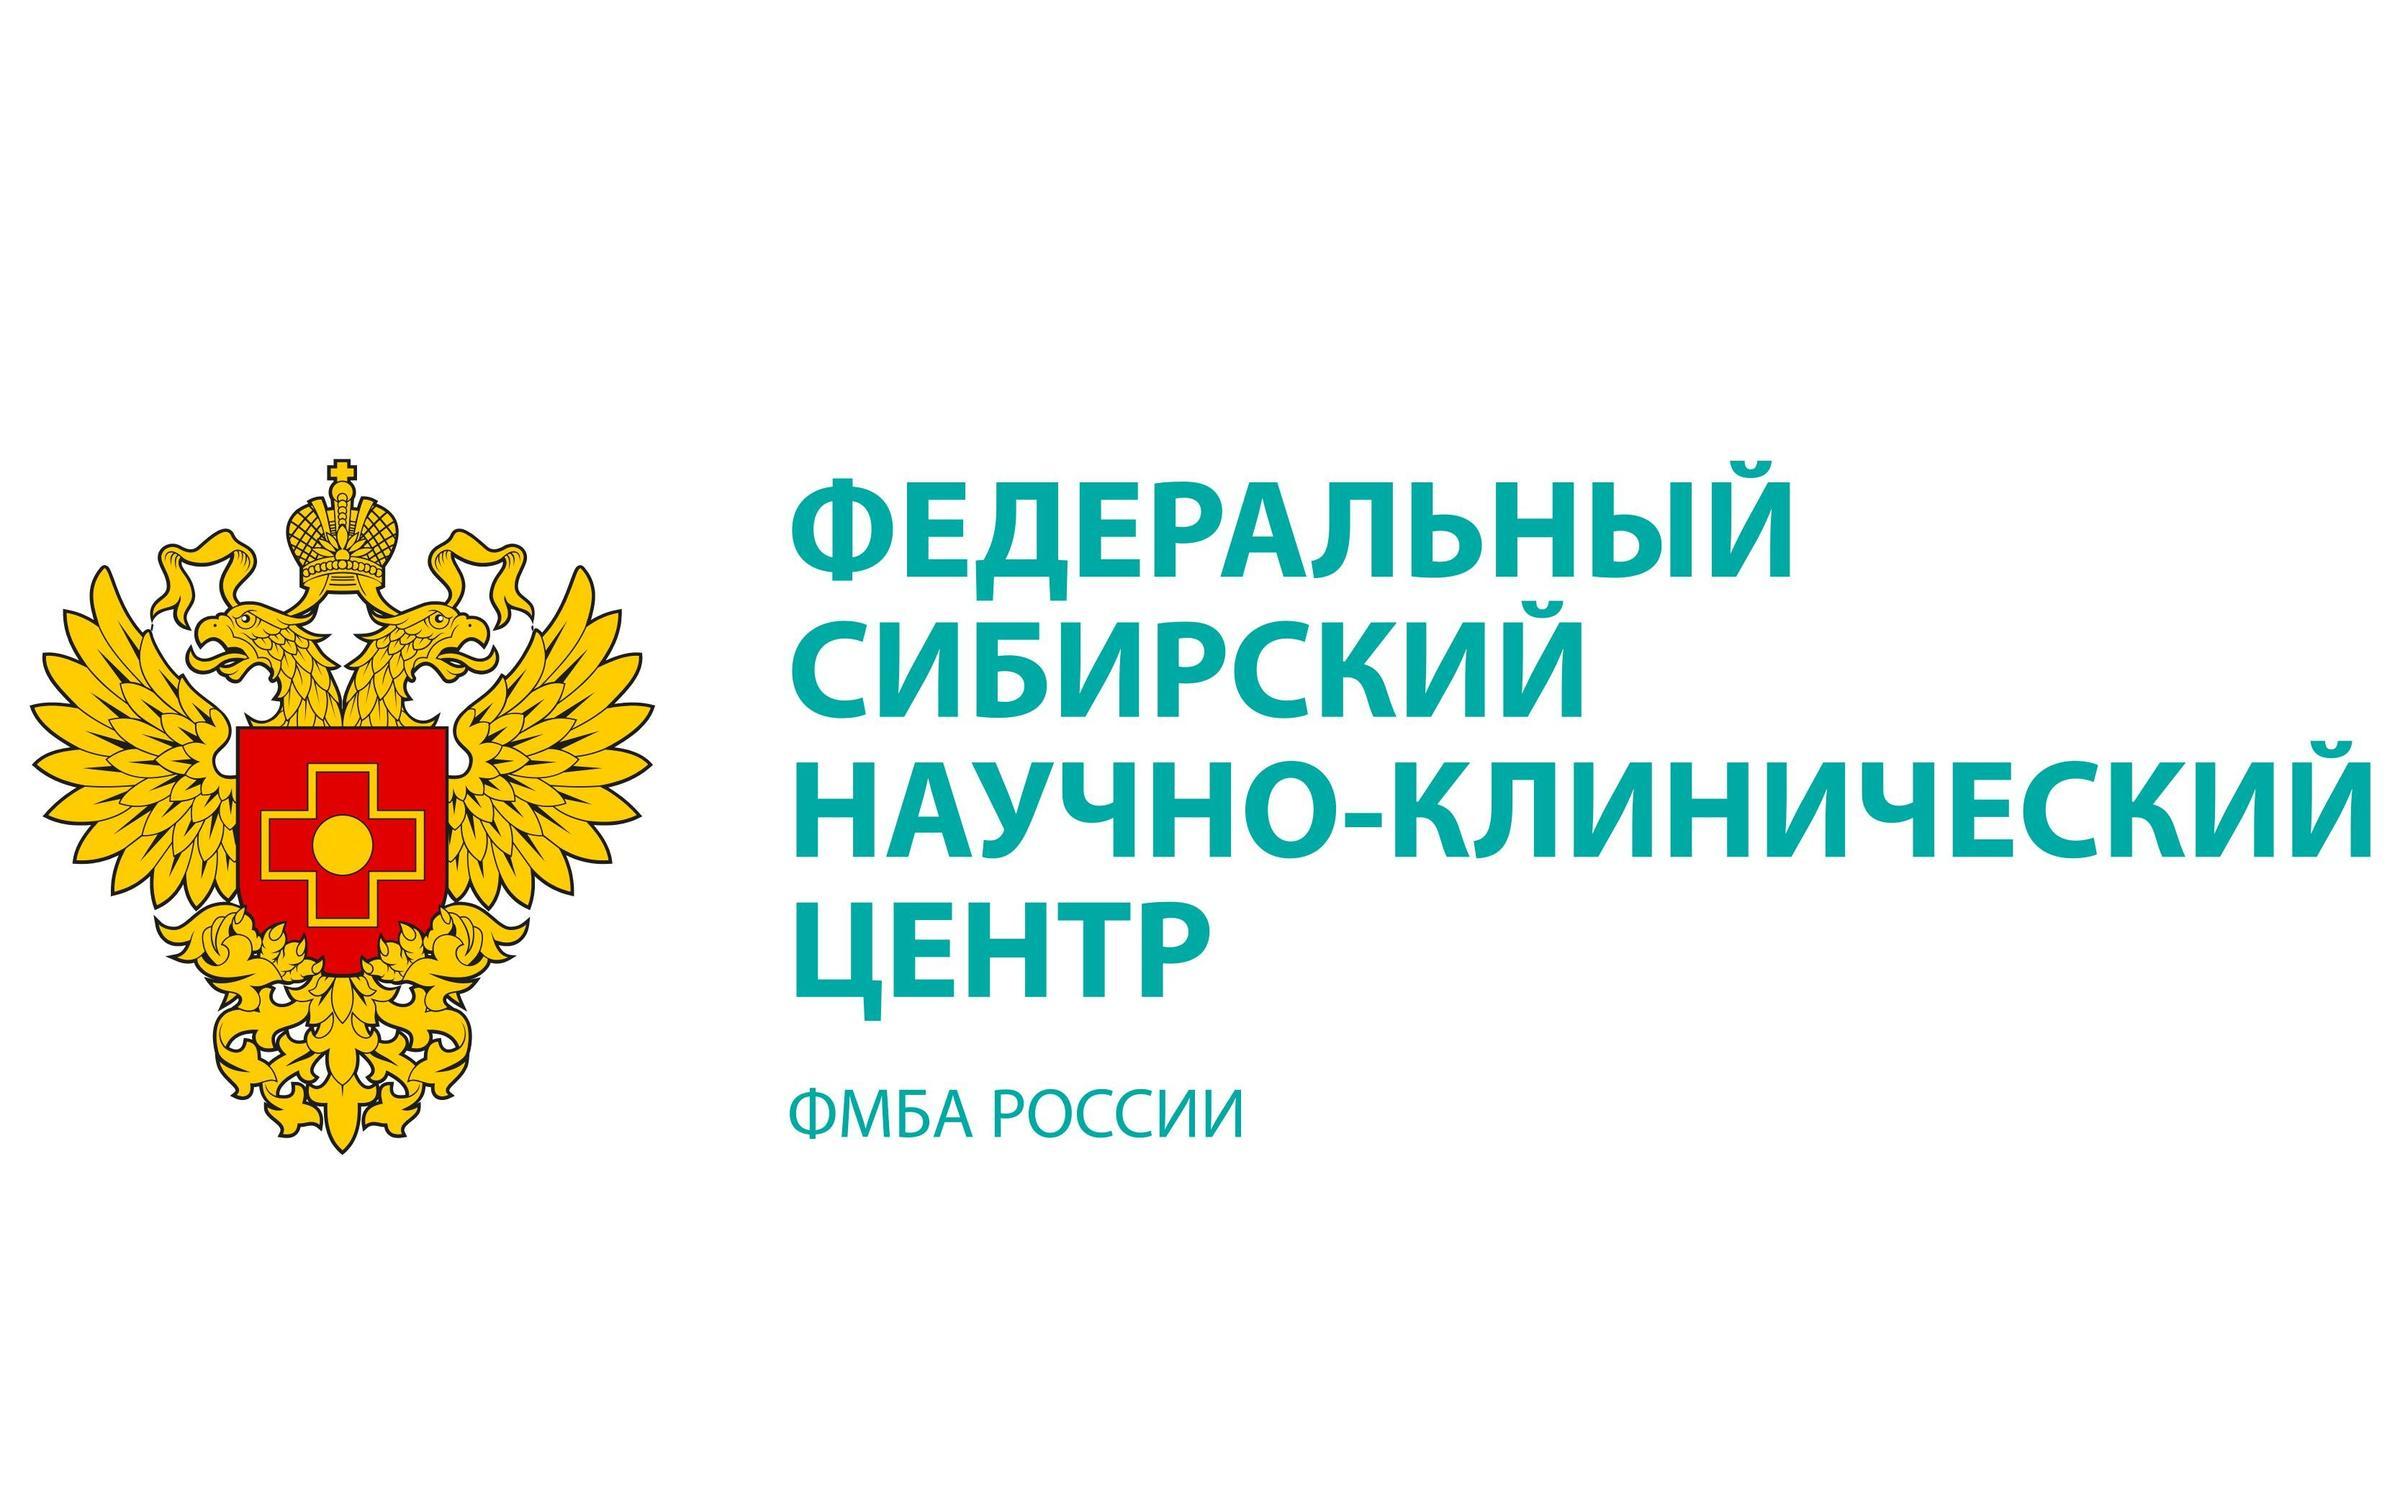 фотография Поликлиники №1 Федеральный Сибирский научно-клинический центр ФМБА России на Коломенской улице